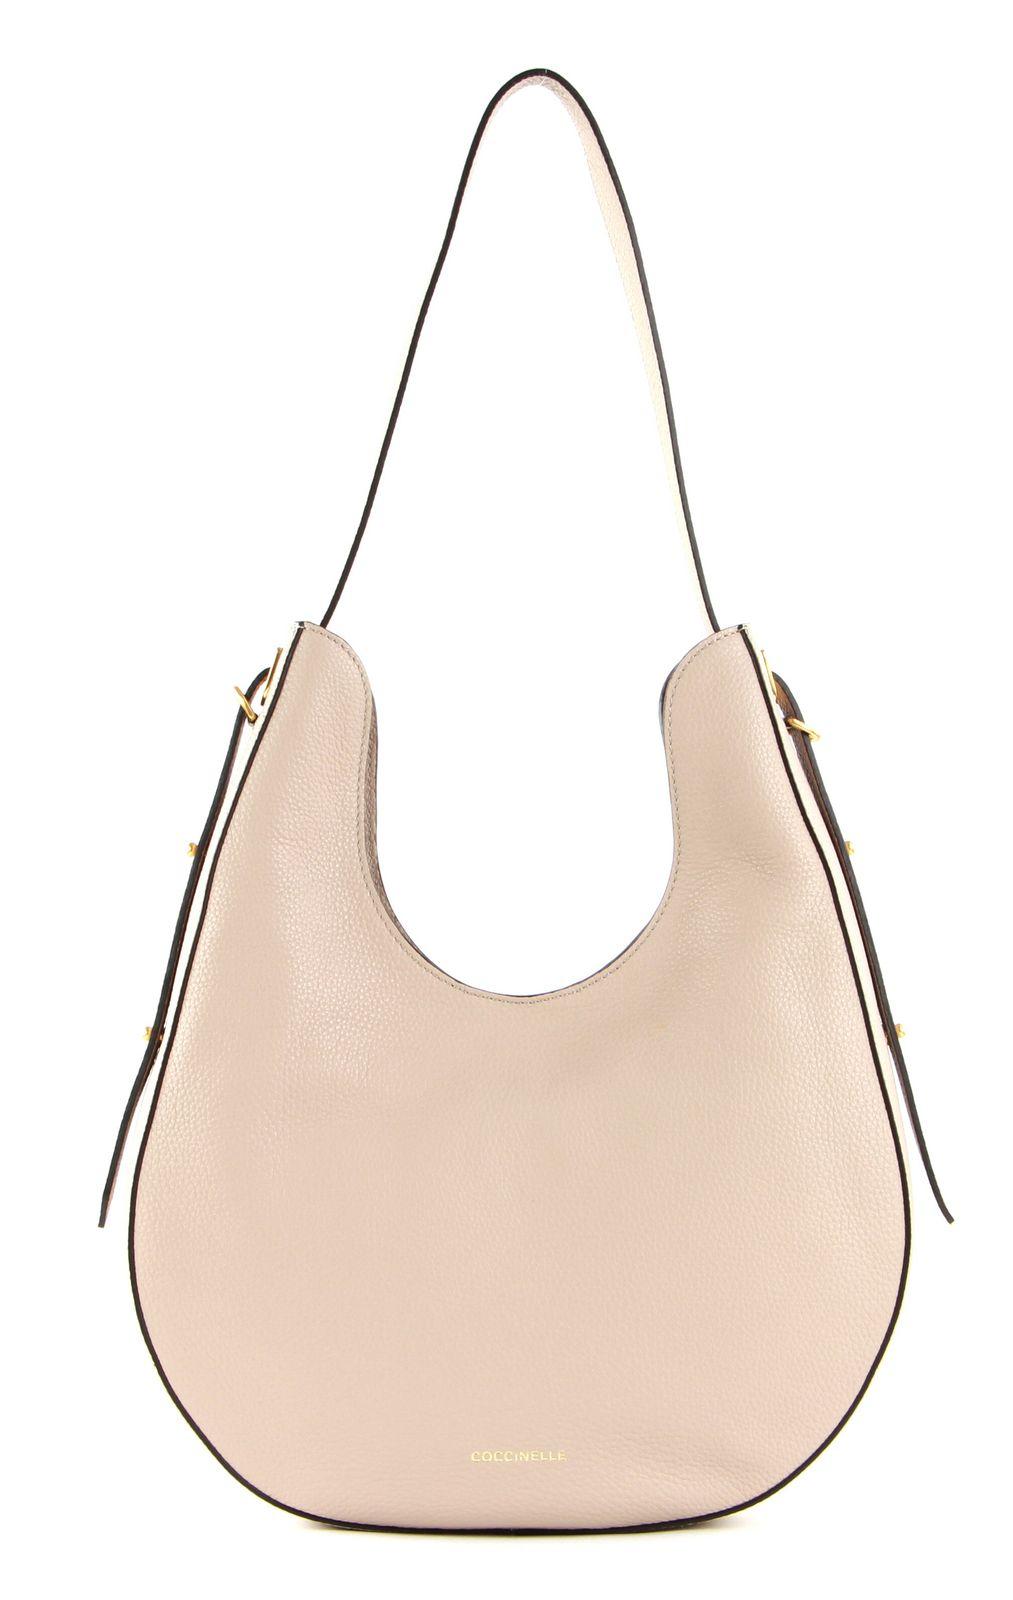 COCCINELLE Bagatelle Soft Shoulderbag Powder Pink